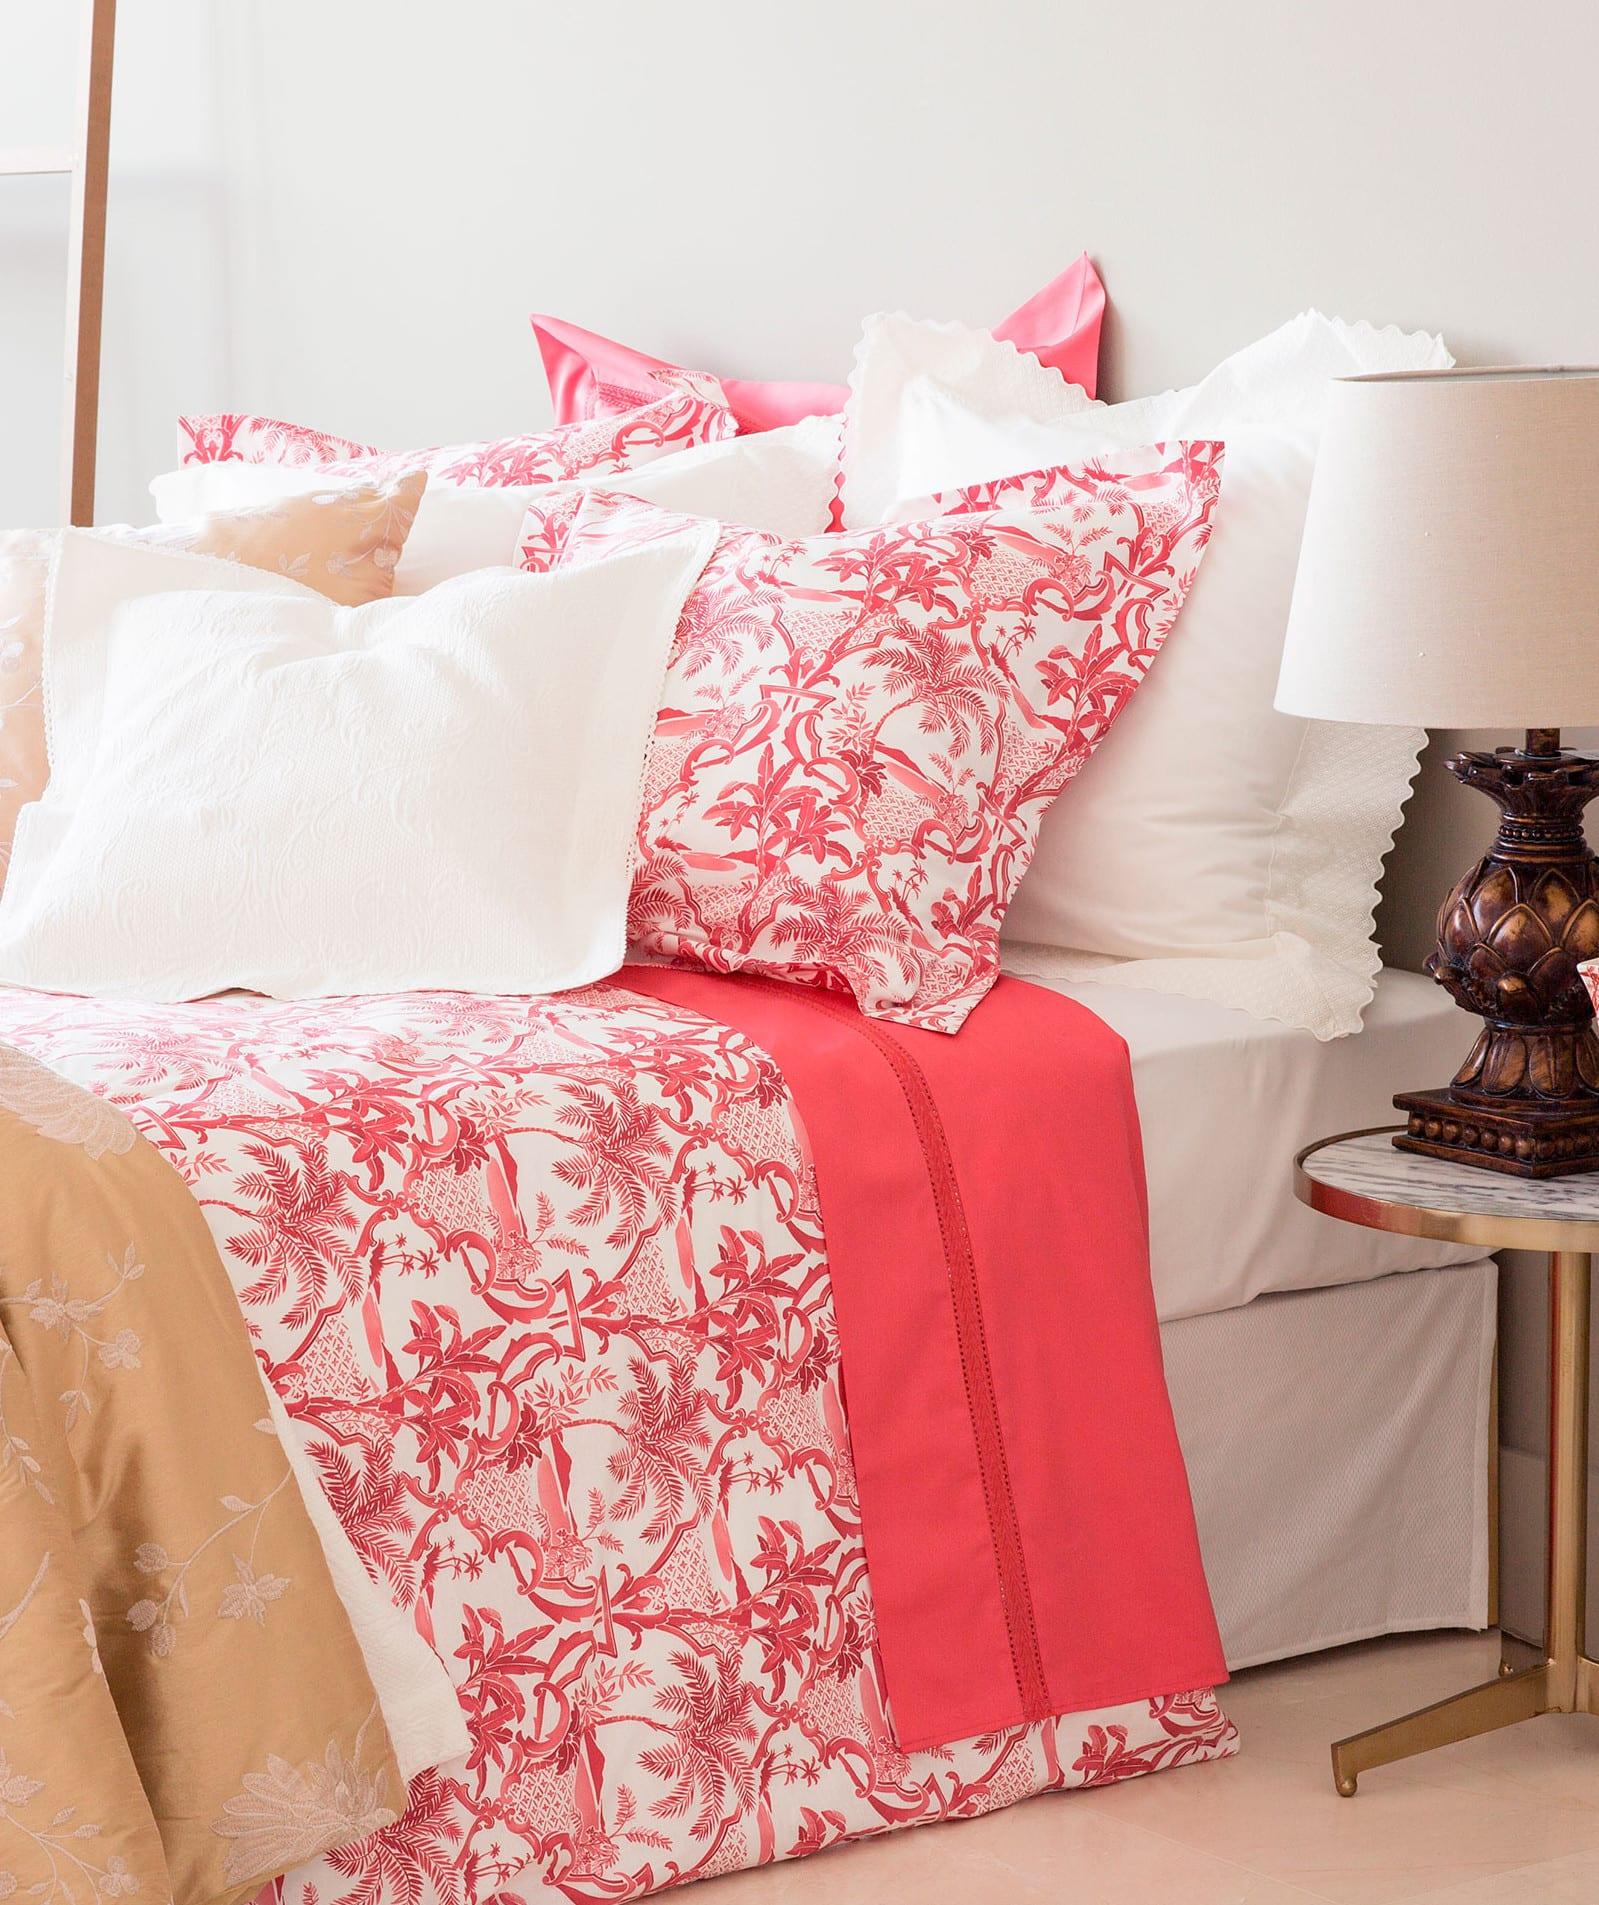 schlafzimmer einrichten mit zara home - freshouse - Schlafzimmer Weis Pink